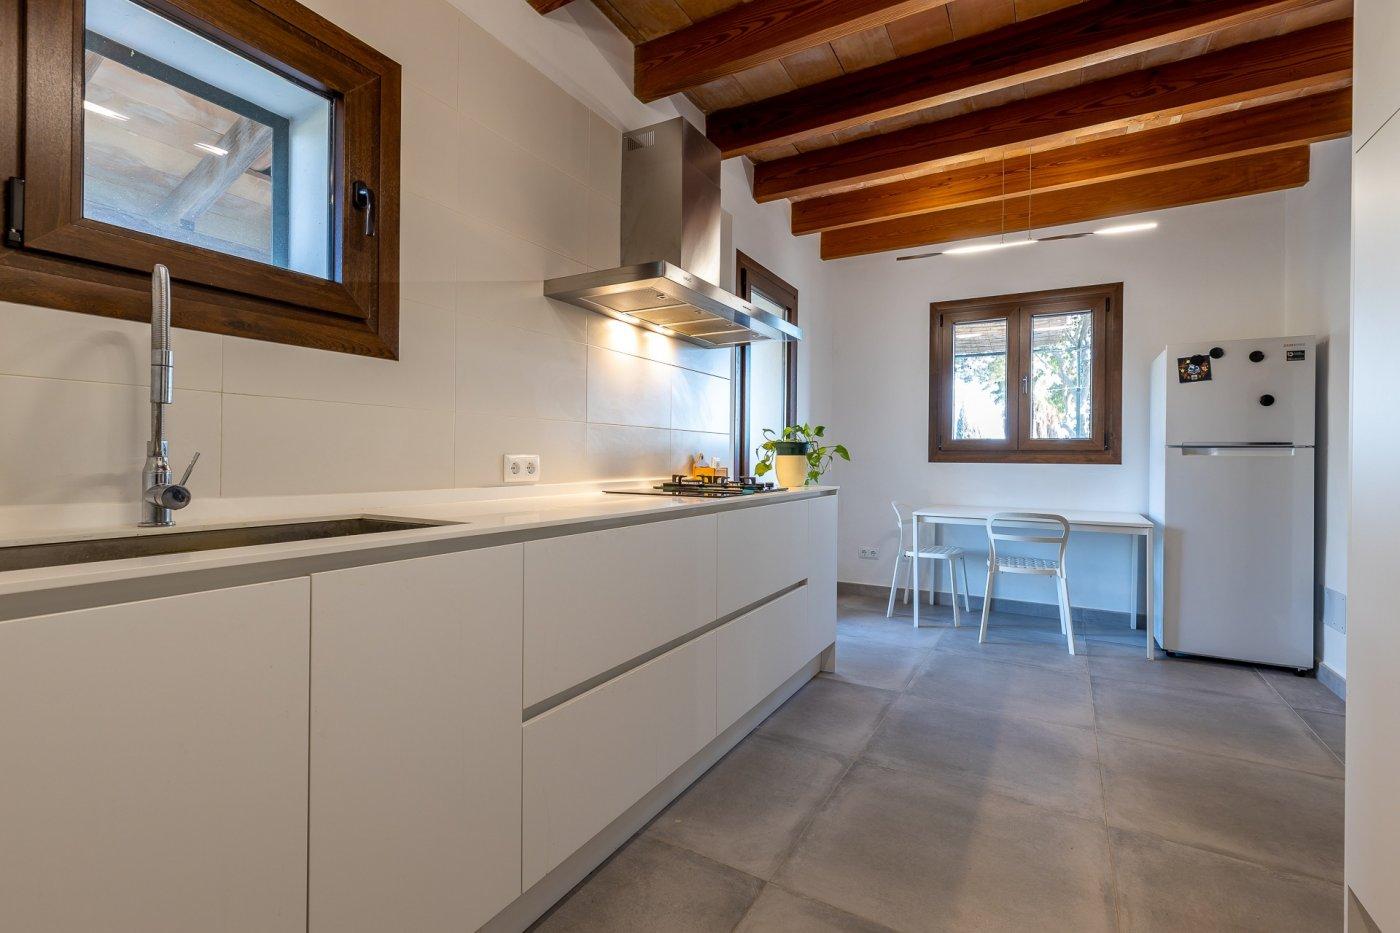 Encantadora finca rÚstica con casa de invitados  en marratxinet - imagenInmueble7